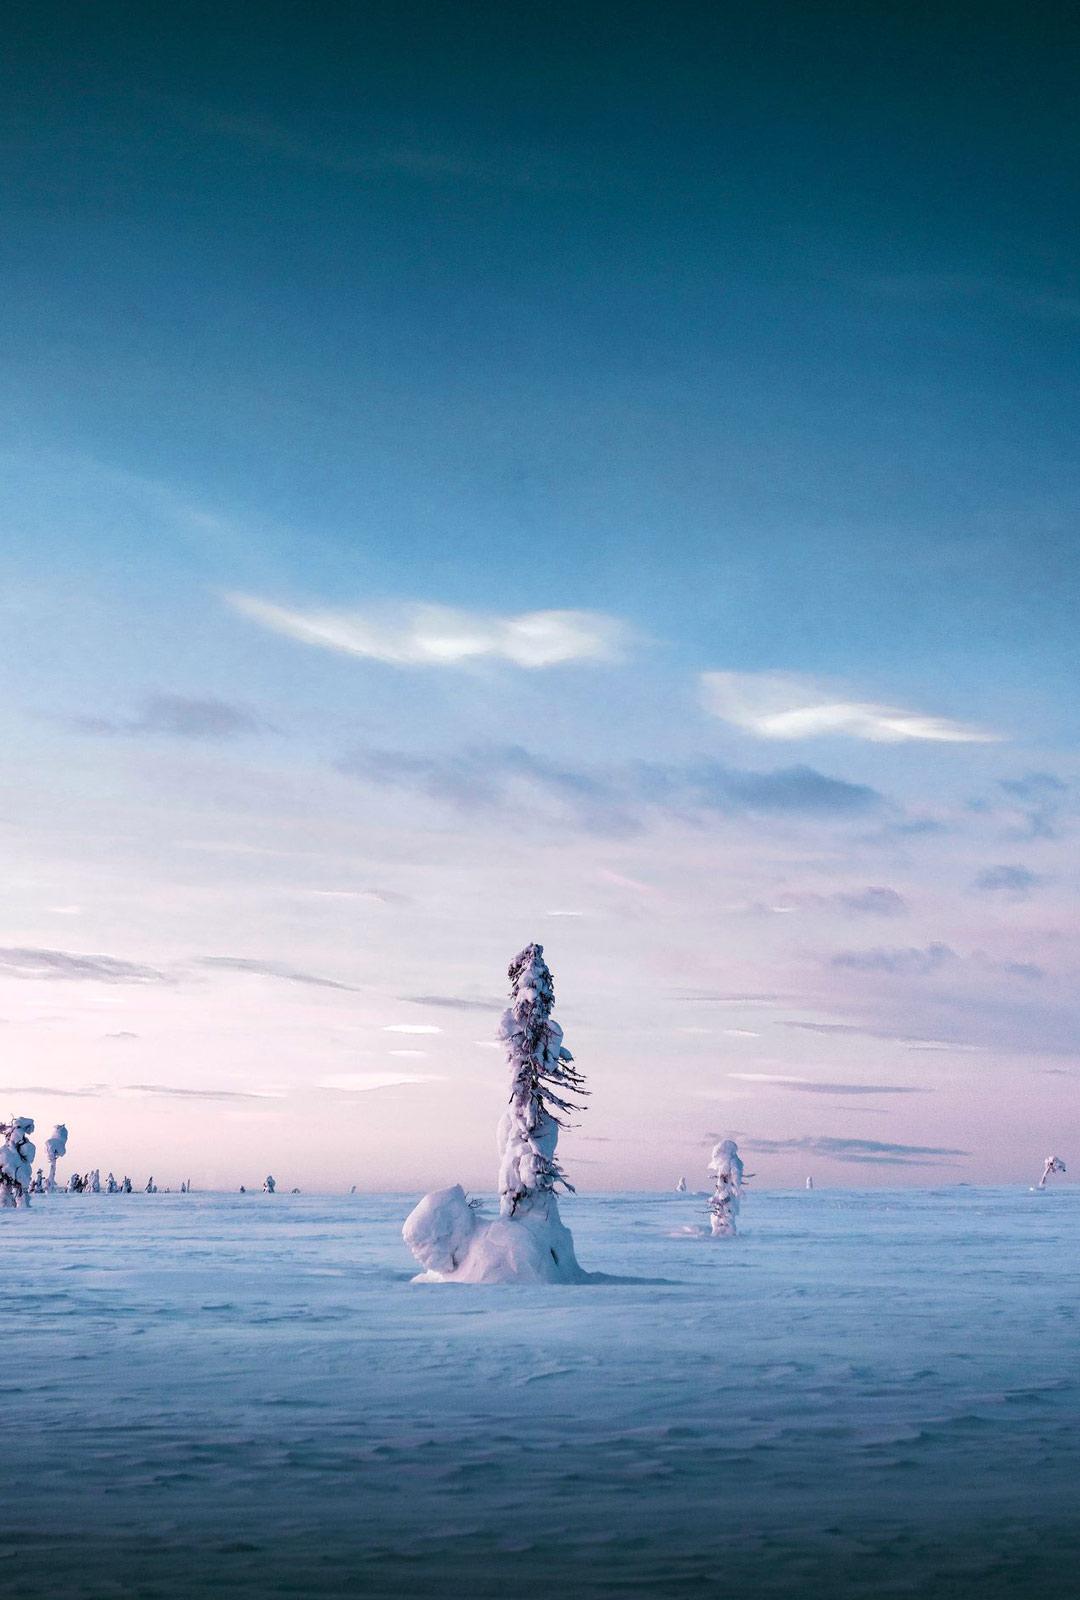 Kun kaamos päättyy, valon määrä alkaa pohjoisessa lisääntyä hurjaa vauhtia. Jo kahden kuukauden kuluttua auringonnousu nähdään Utsjoella ensimmäisenä Suomessa.